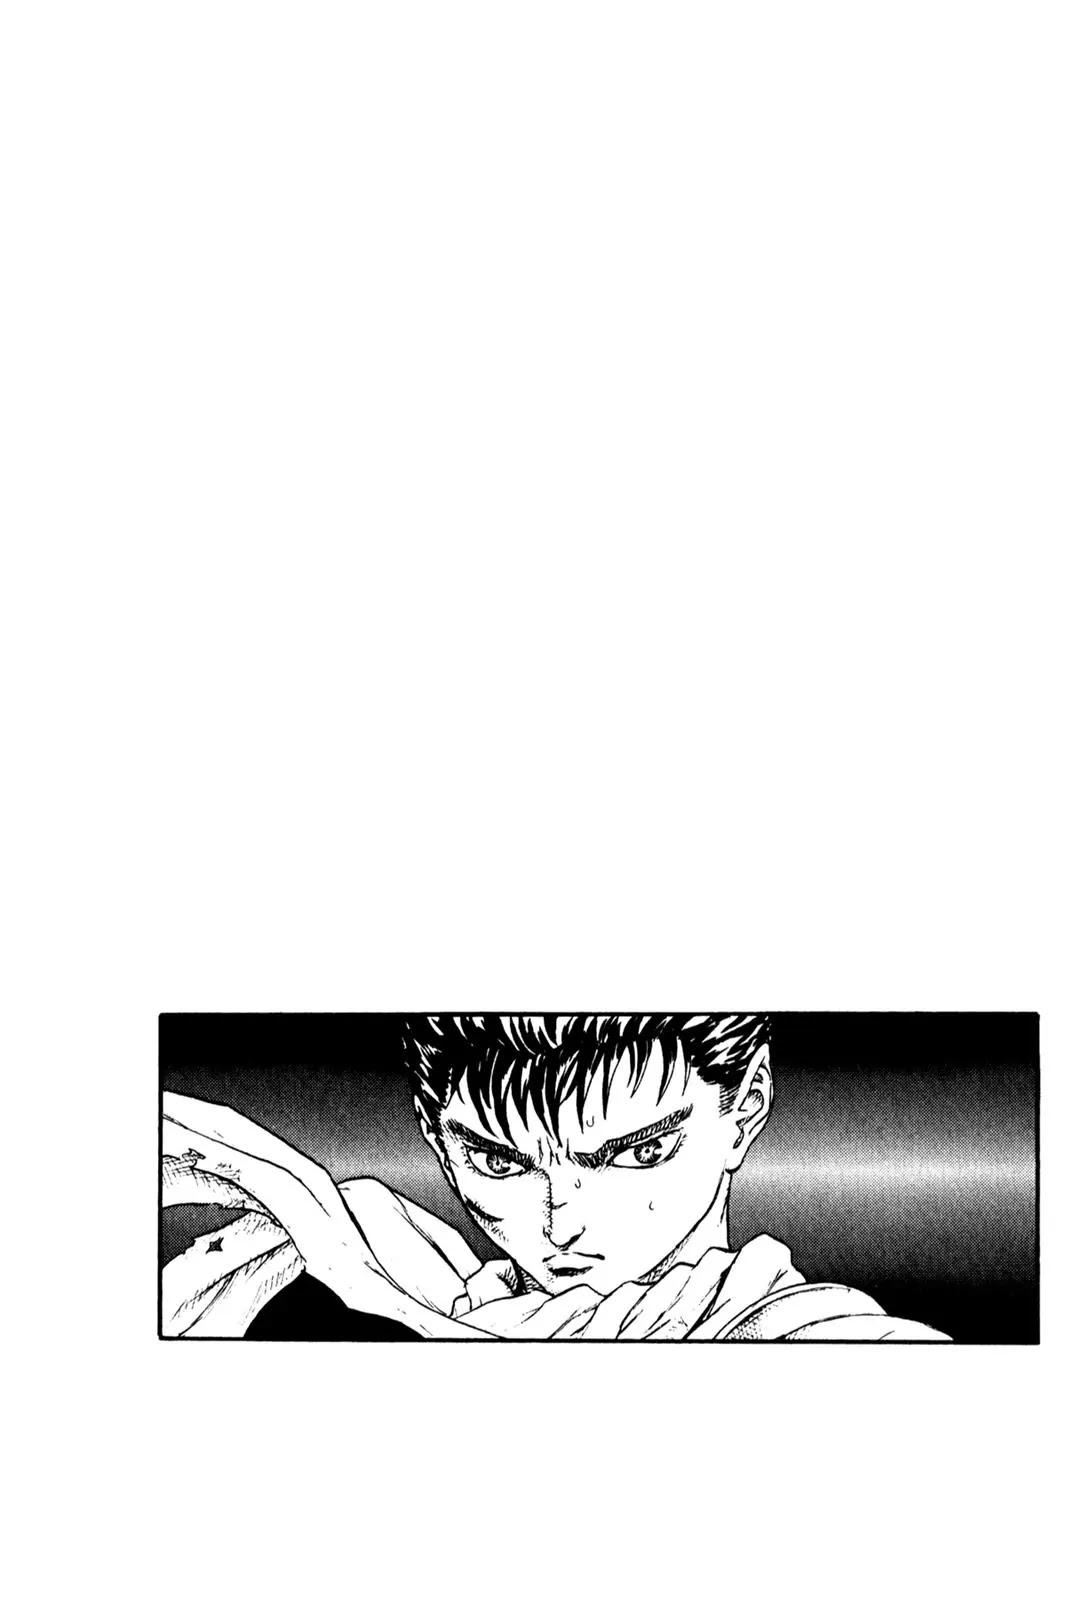 berserk anime 2018, berserk wiki, berserk movies, berserk imdb, berserk myanimelist, berserk anime 2019, berserk anime 1997, kentaro miura, berserk netflix, berserk eclipse chapter, berserk deluxe edition, berserk anime movie, berserk latest episode, berserk anime netflix, berserk season 3, berserk anime 1997 streaming, berserk 2016 imdb, berserk all episodes, berserk manga, berserk anime, berserk warnings, berserk movie cast, berserk anime 1997 episode 1 english dubbed, berserk 1997 episode 1 sub, berserk season 2 episode 13 english dub, berserk season 2 english, berserk 2016 season 1 episode 1 english, berserk season 1 episode 1, berserk season 2 episode 14, berserk 2016 episodes